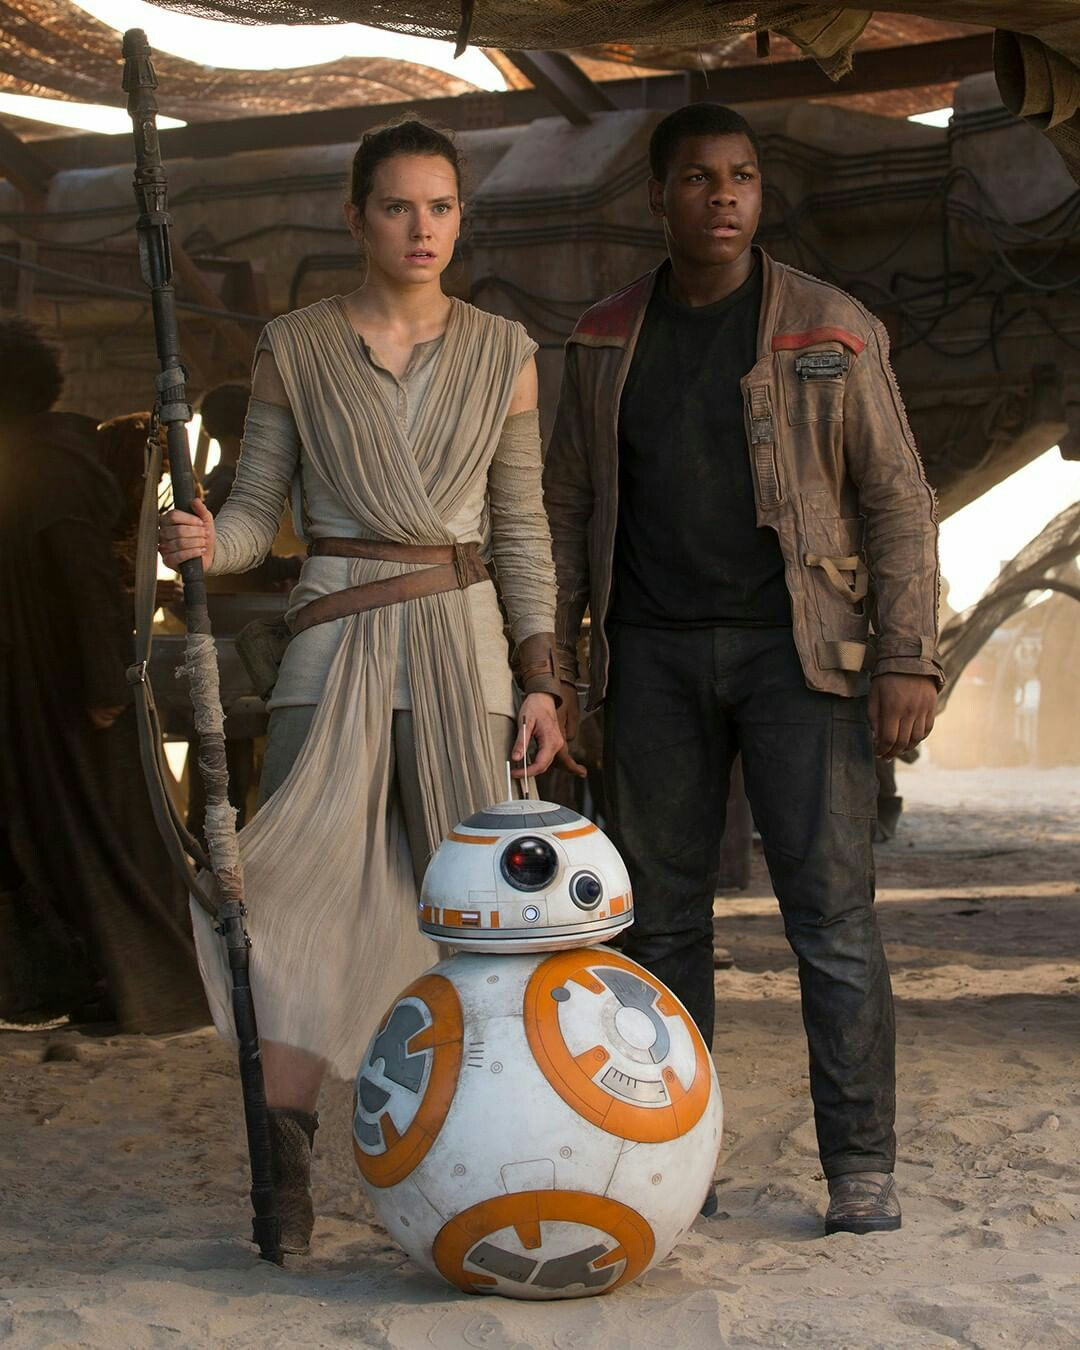 Imagem de Rey, Finn e BB8. Rey e Finn estão lado a lado e a imagem captura eles de corpo inteiro. Rey usa seu figurino original, com os braços enrolados numa faixa, um pano que cobre seus ombros e vai até o joelho. Por baixo, ela usa uma camiseta e uma calça, todos em tons de cinza. Ela usa uma bota e cinto marrom e segura sua arma. Finn, ao lado direito de Rey, usa uma blusa, calça e sapatos pretos e uma jaqueta marrom. Ele está desarmado mas sua postura é alerta, e assim como Rey, Finn olha para a frente assustado. Na frente dos dois, ao meio, está BB8, o droid redondo que é colorido em branco, com detalhes laranjas e cinzas.